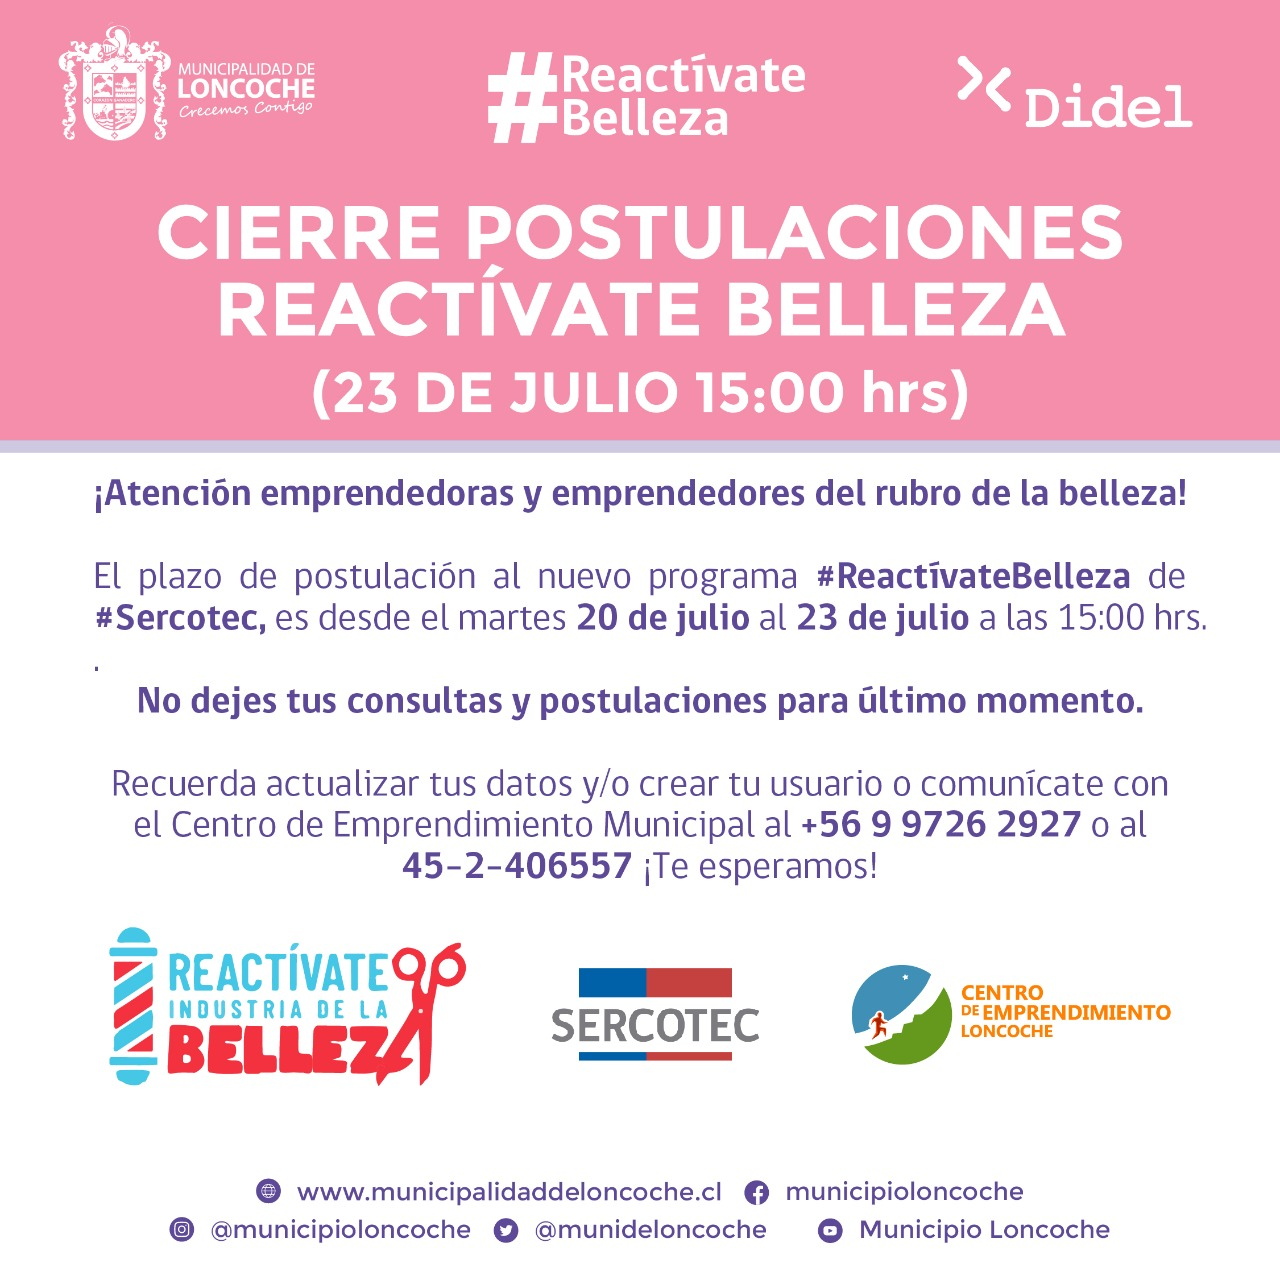 ¡SÓLO HASTA EL VIERNES 23 DE JULIO HAY PLAZO!